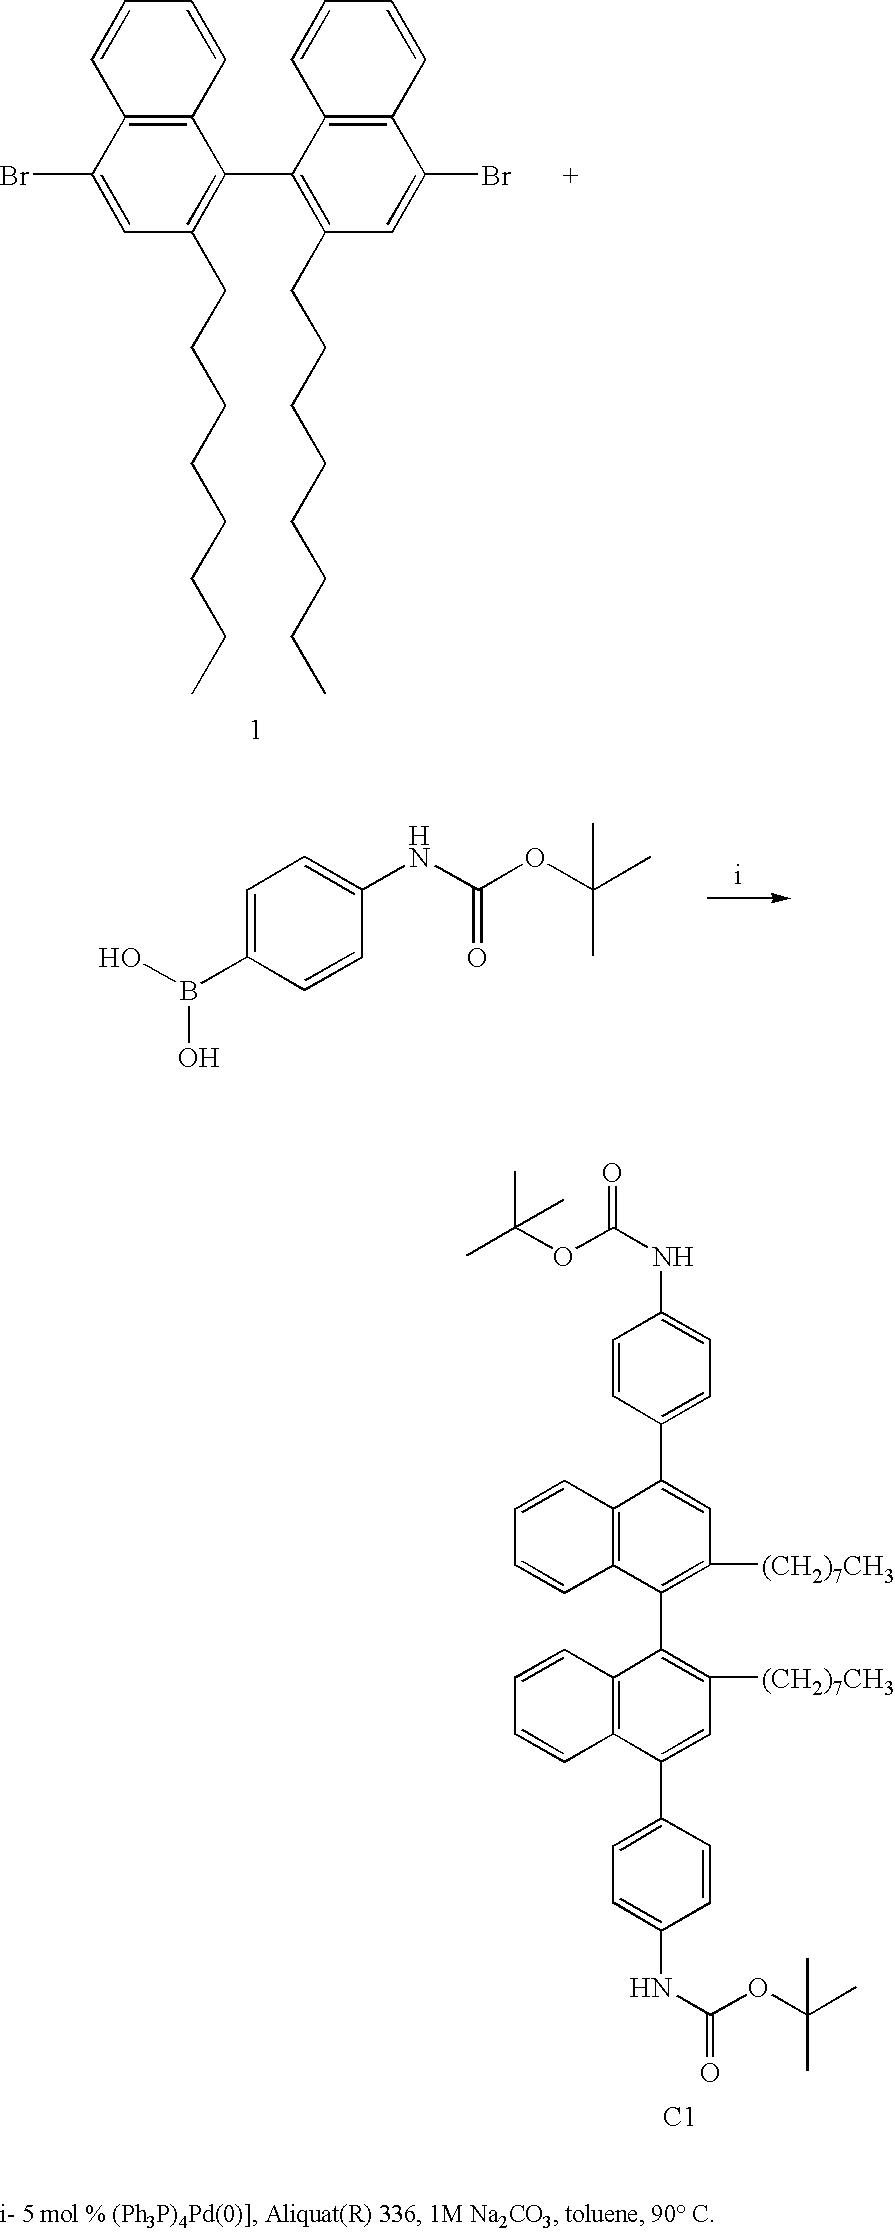 Figure US20100252819A1-20101007-C00020